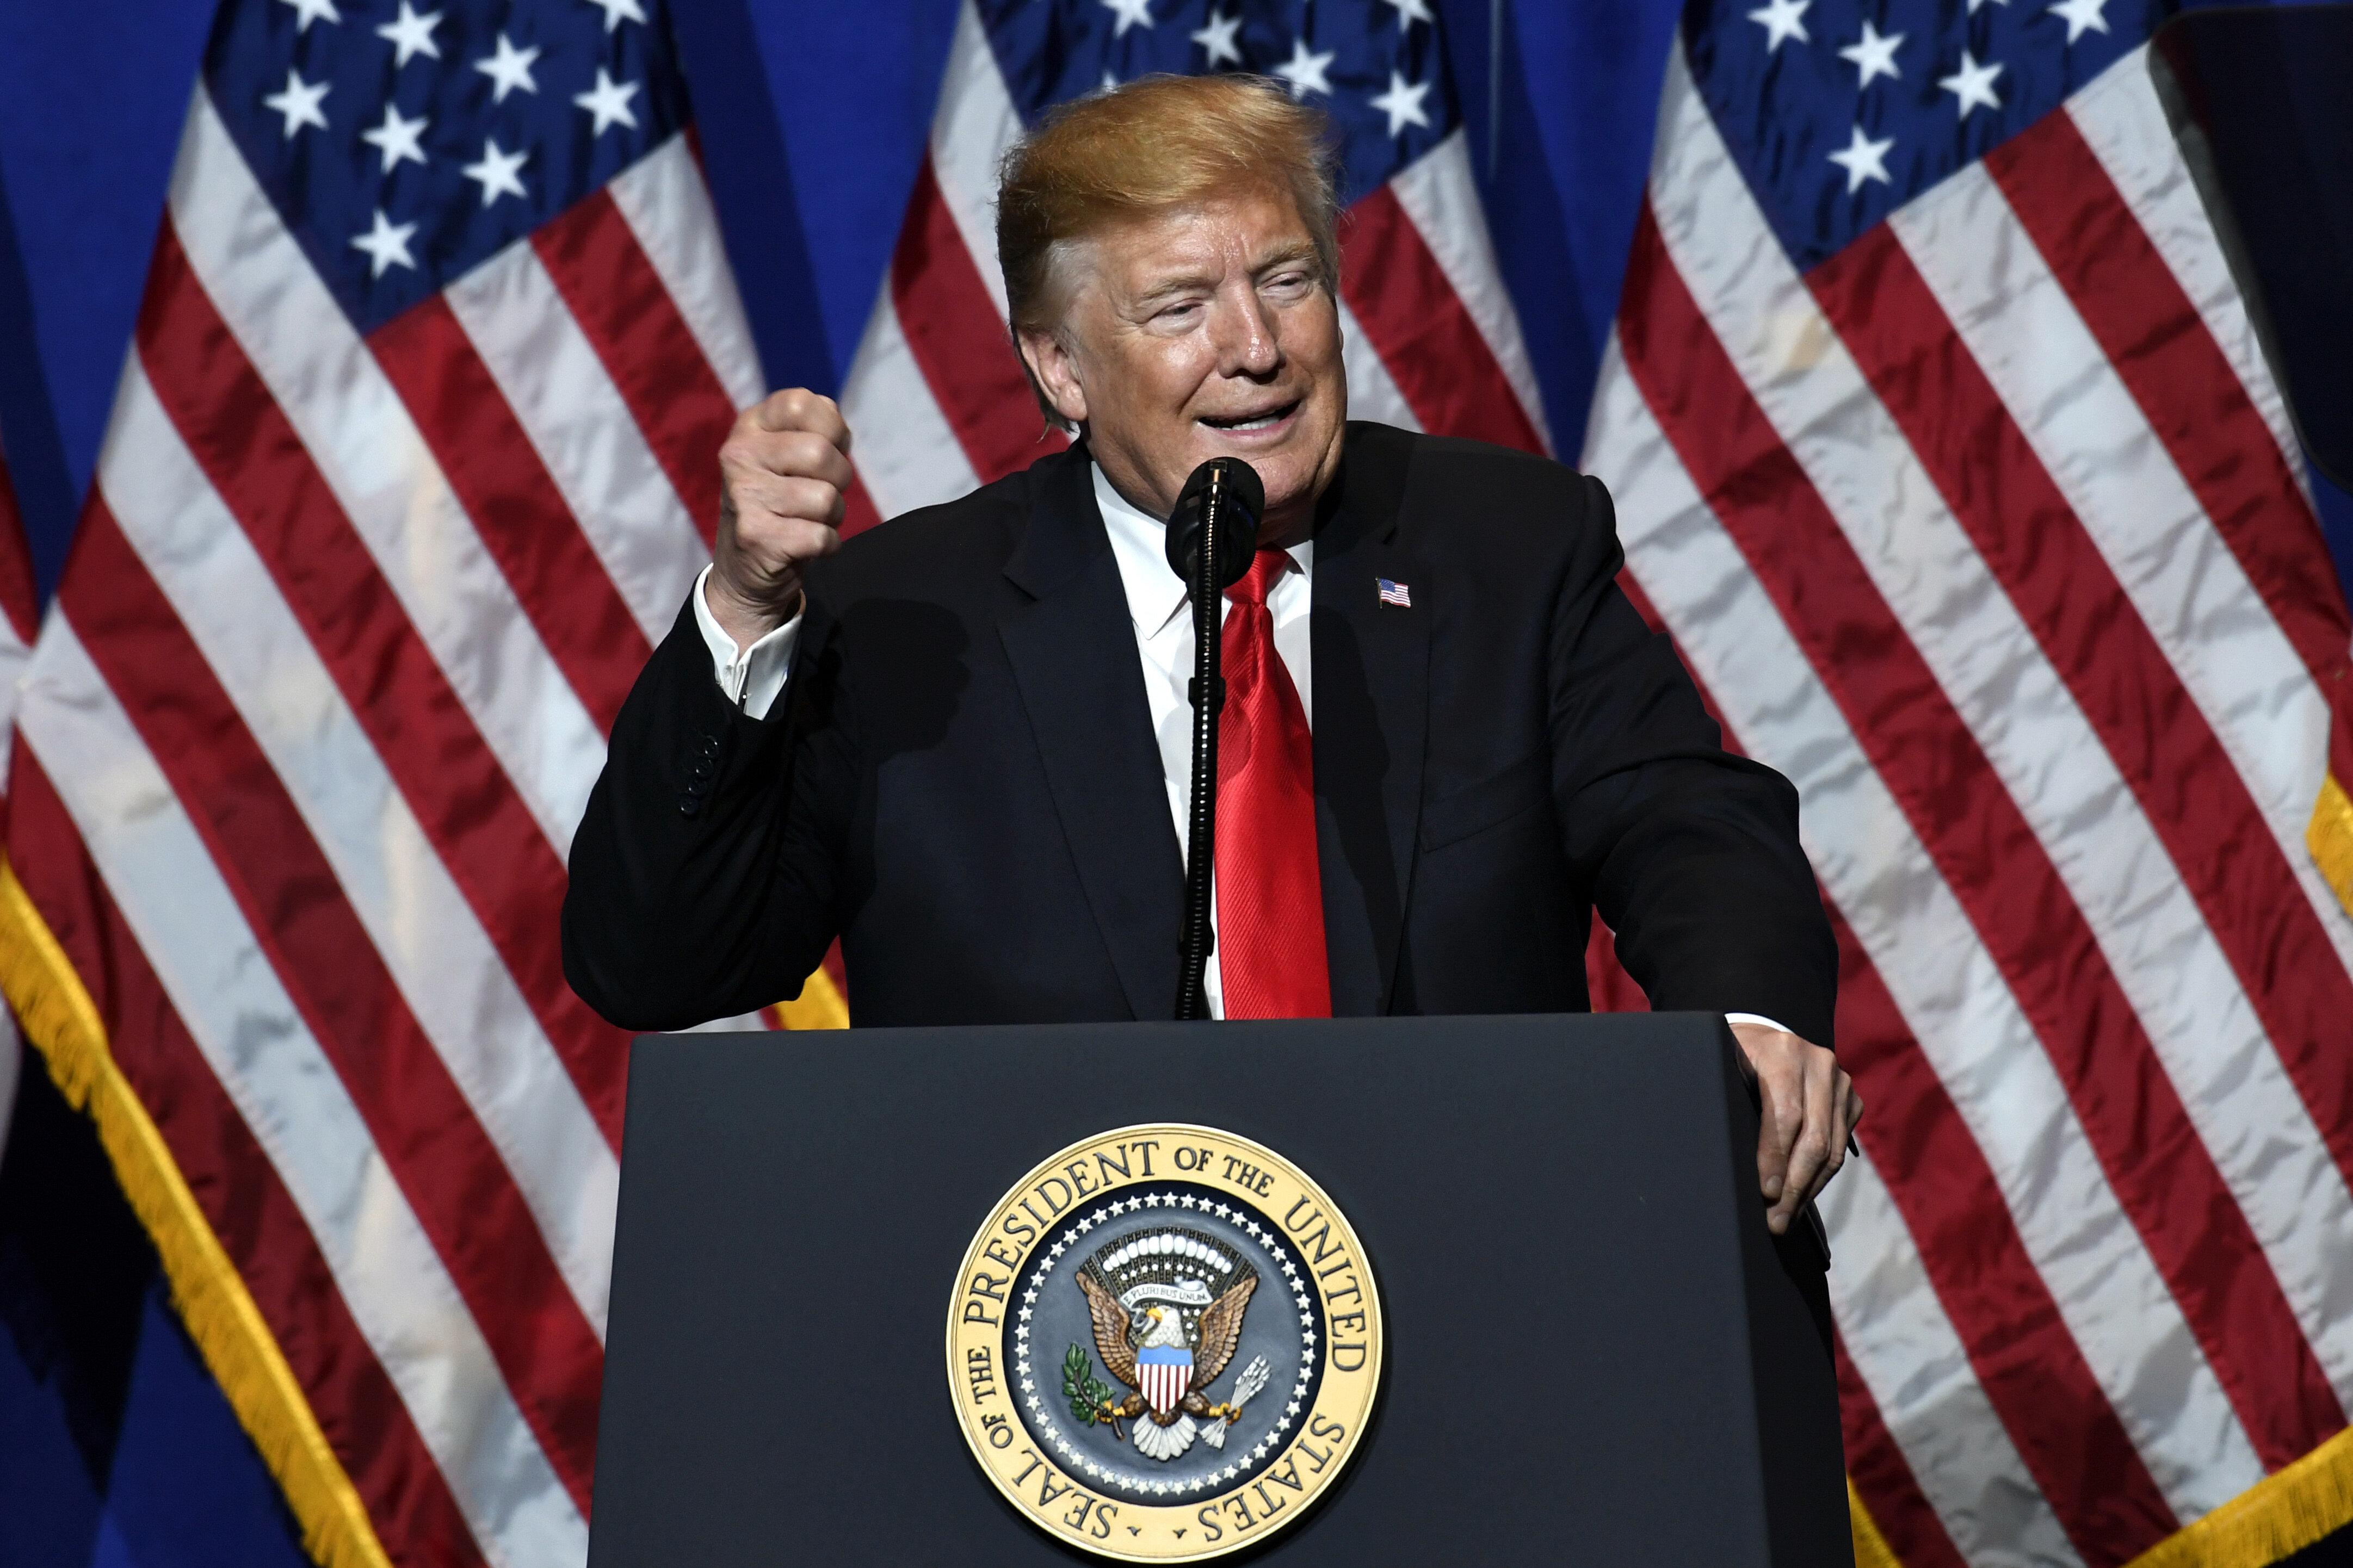 트럼프가 이란에게 섬뜩한 경고를 보냈다. 배경은?